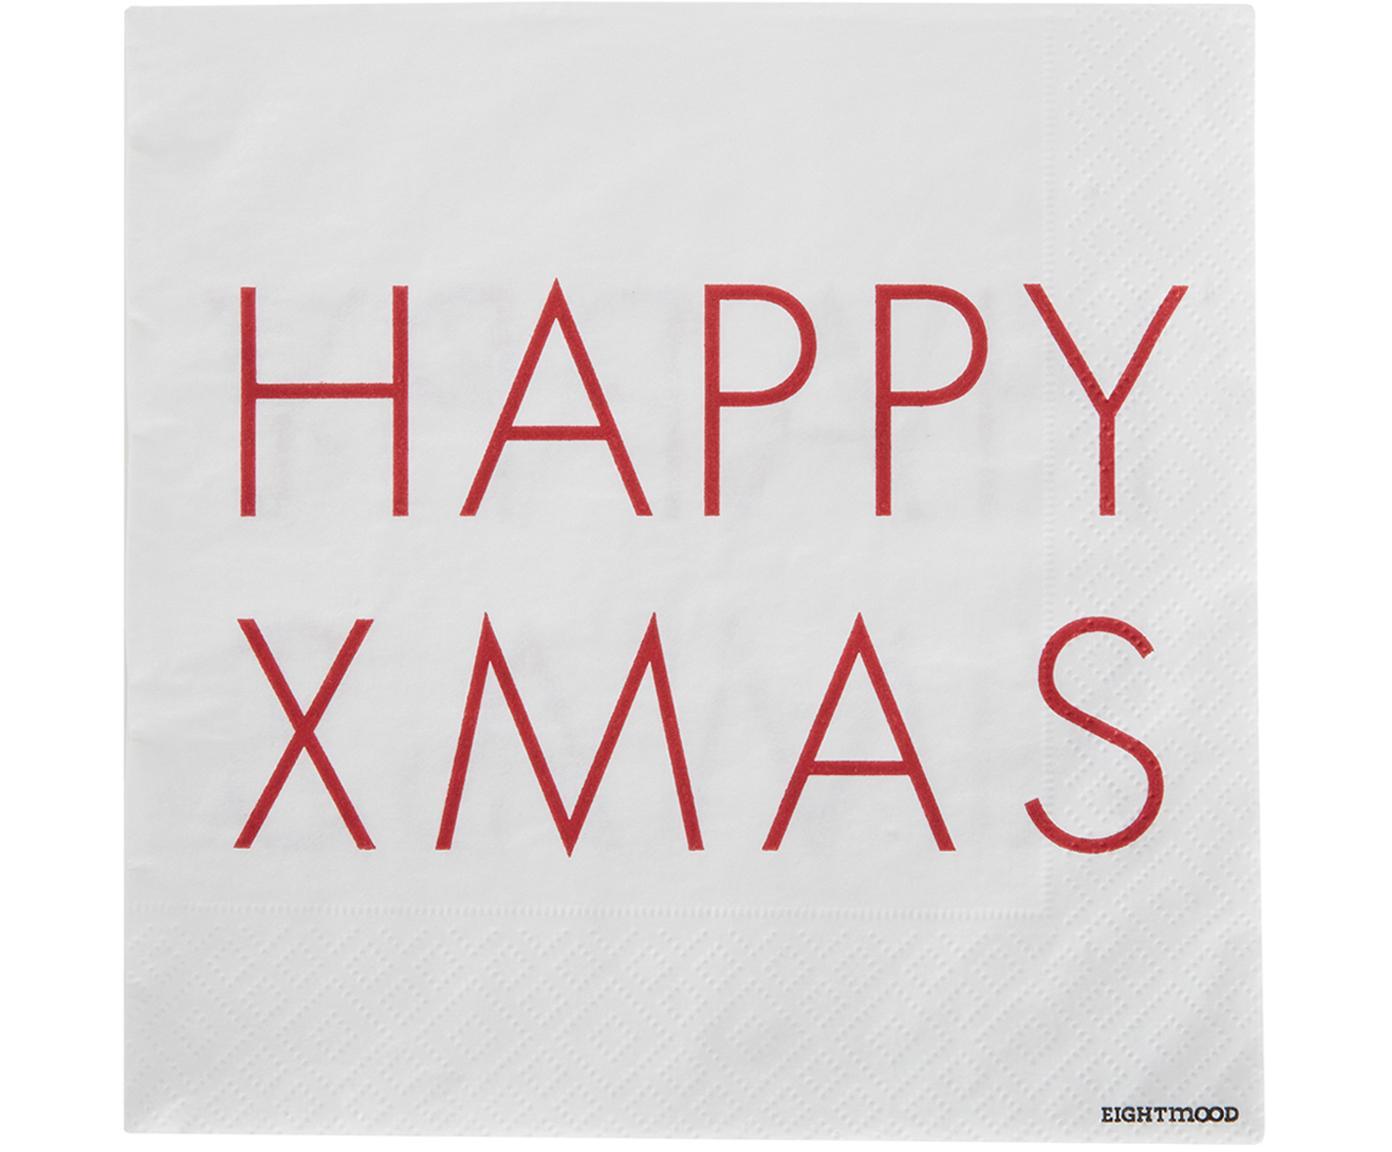 Servilletas de papel Happy Xmas, 20uds., Papel, Blanco, rojo, An 33 x L 33 cm